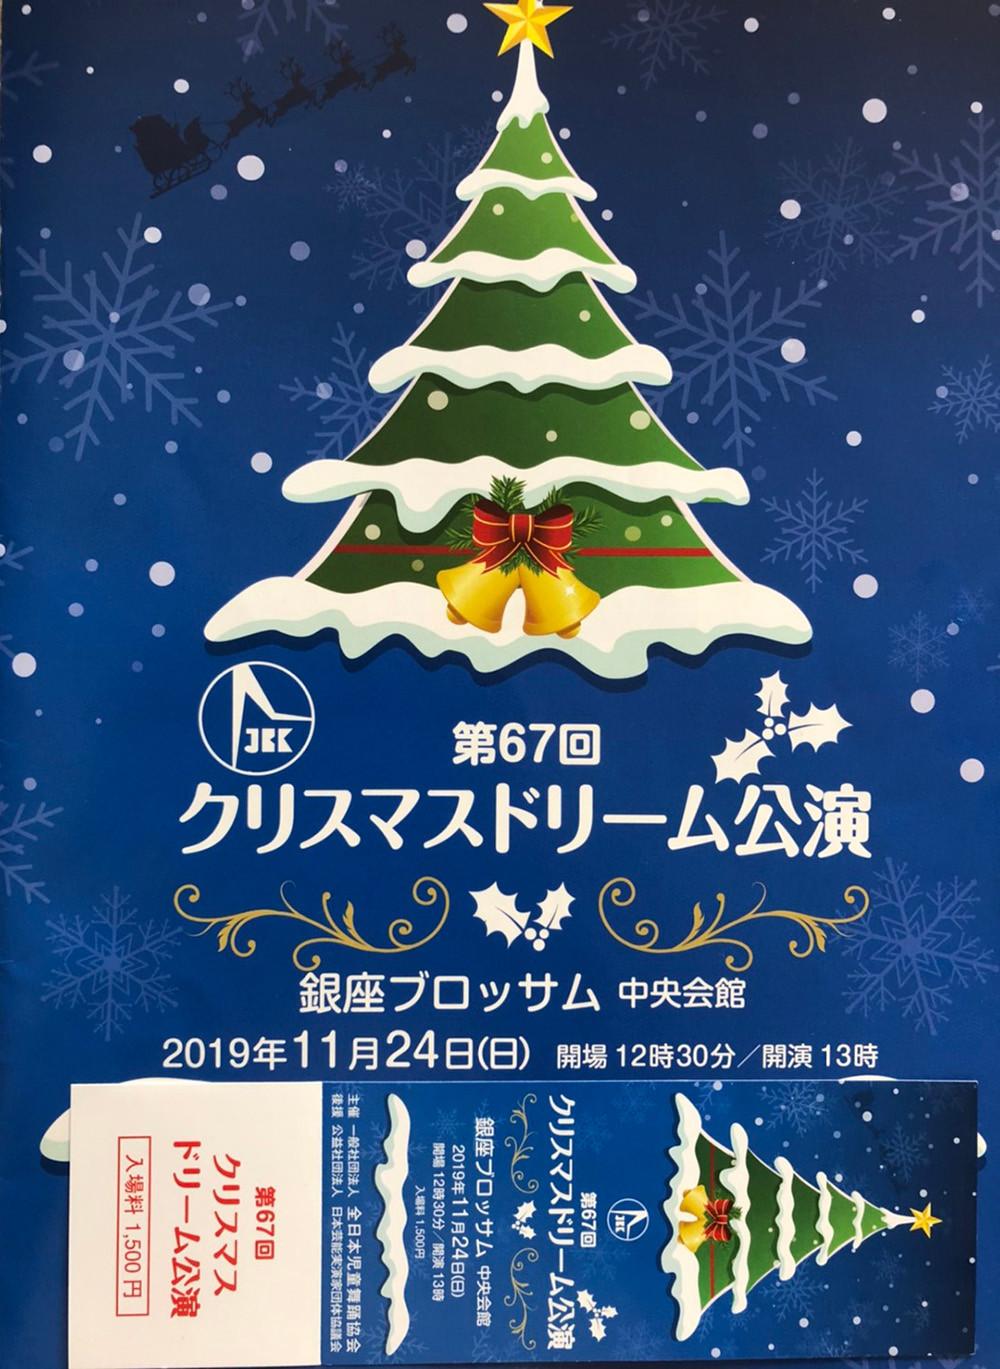 クリスマスドリーム公演